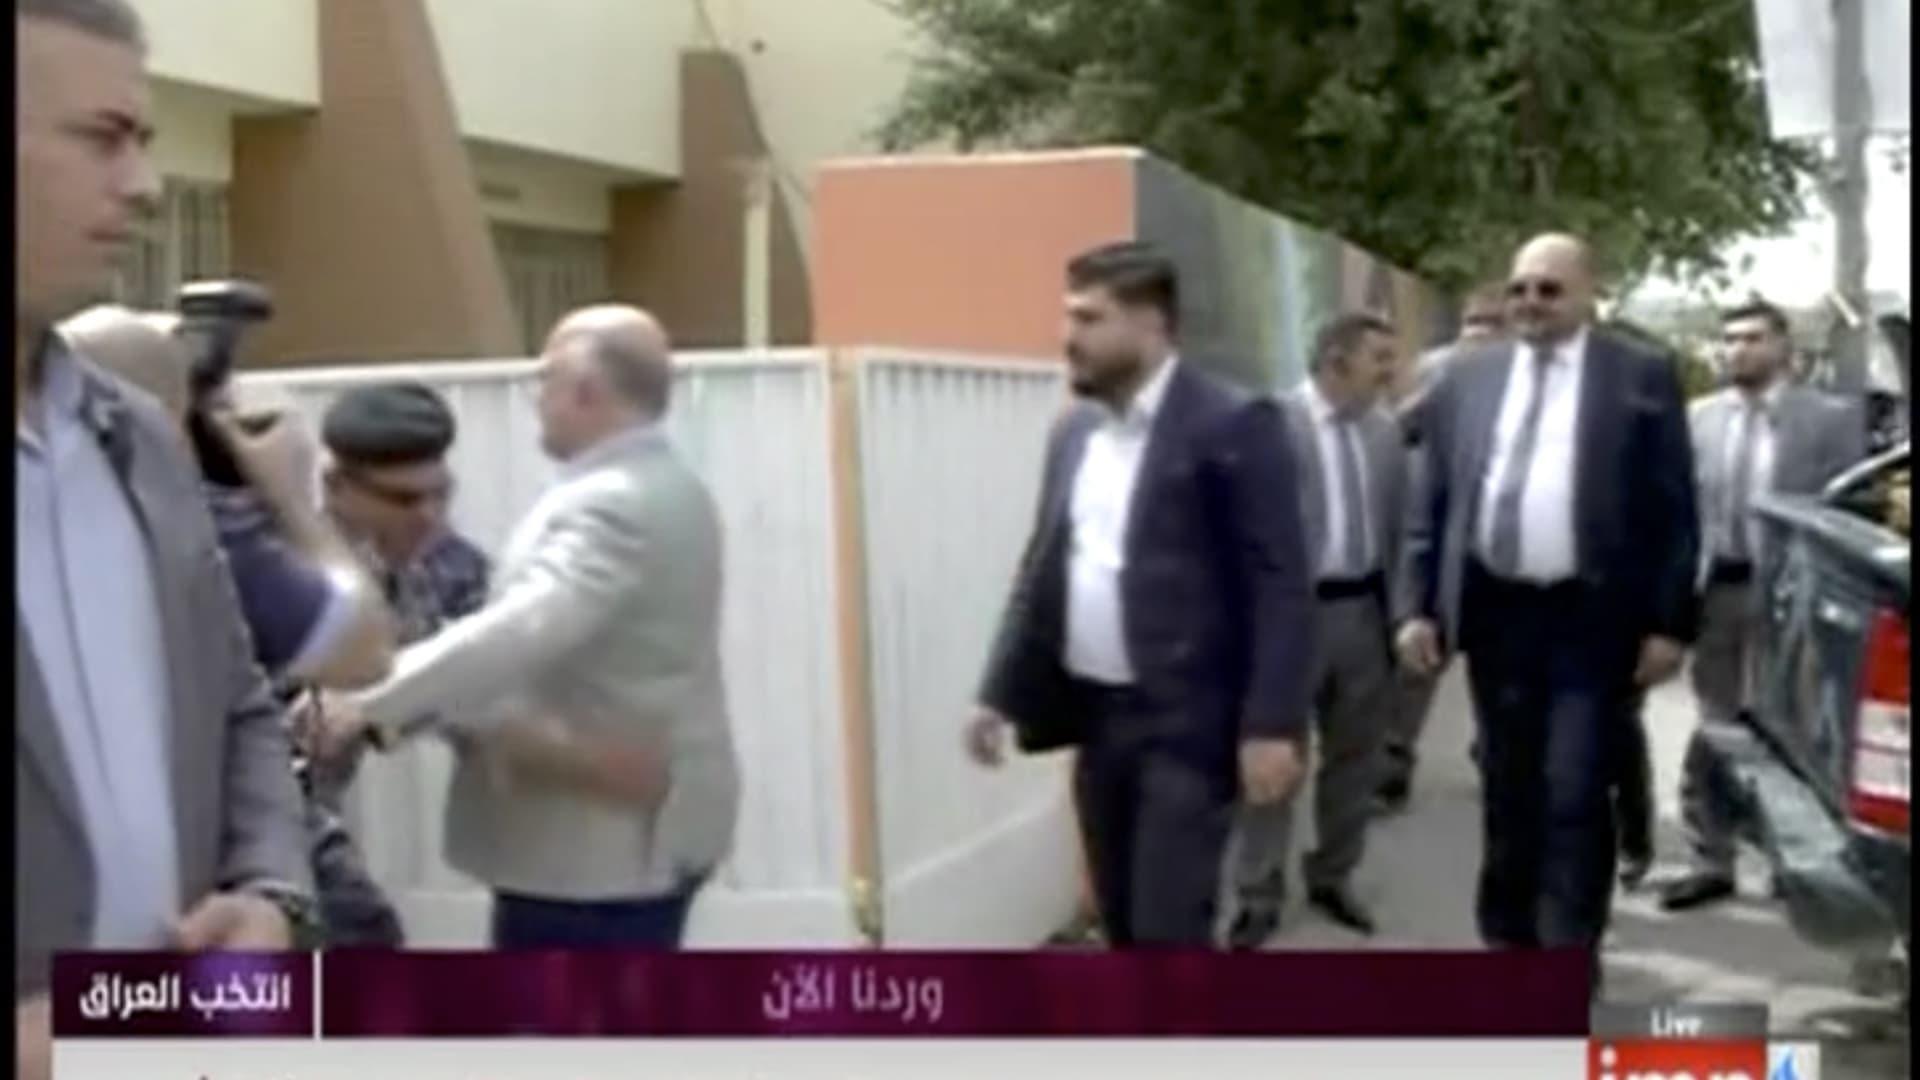 شاهد.. العبادي يخضع للتفتيش قبل الإدلاء بصوته في الانتخابات البرلمانية